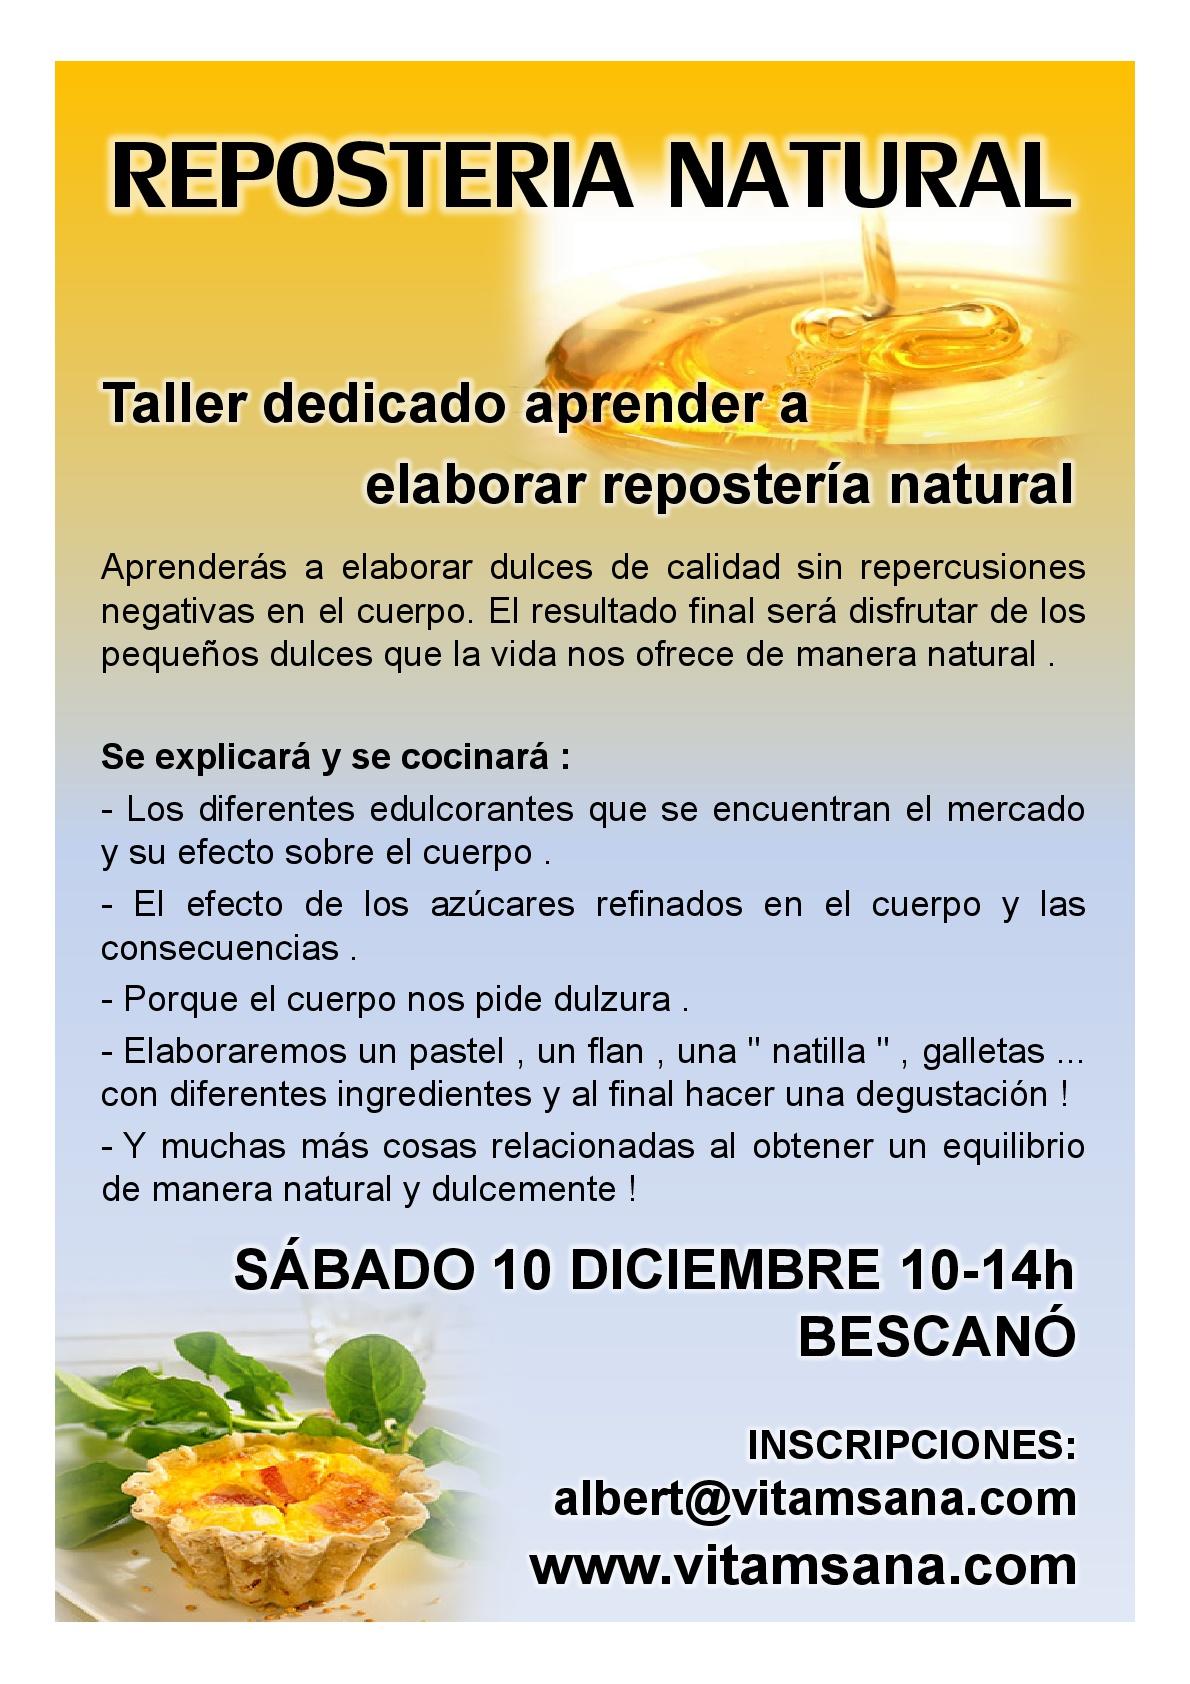 taller-dolcos-bescano-001